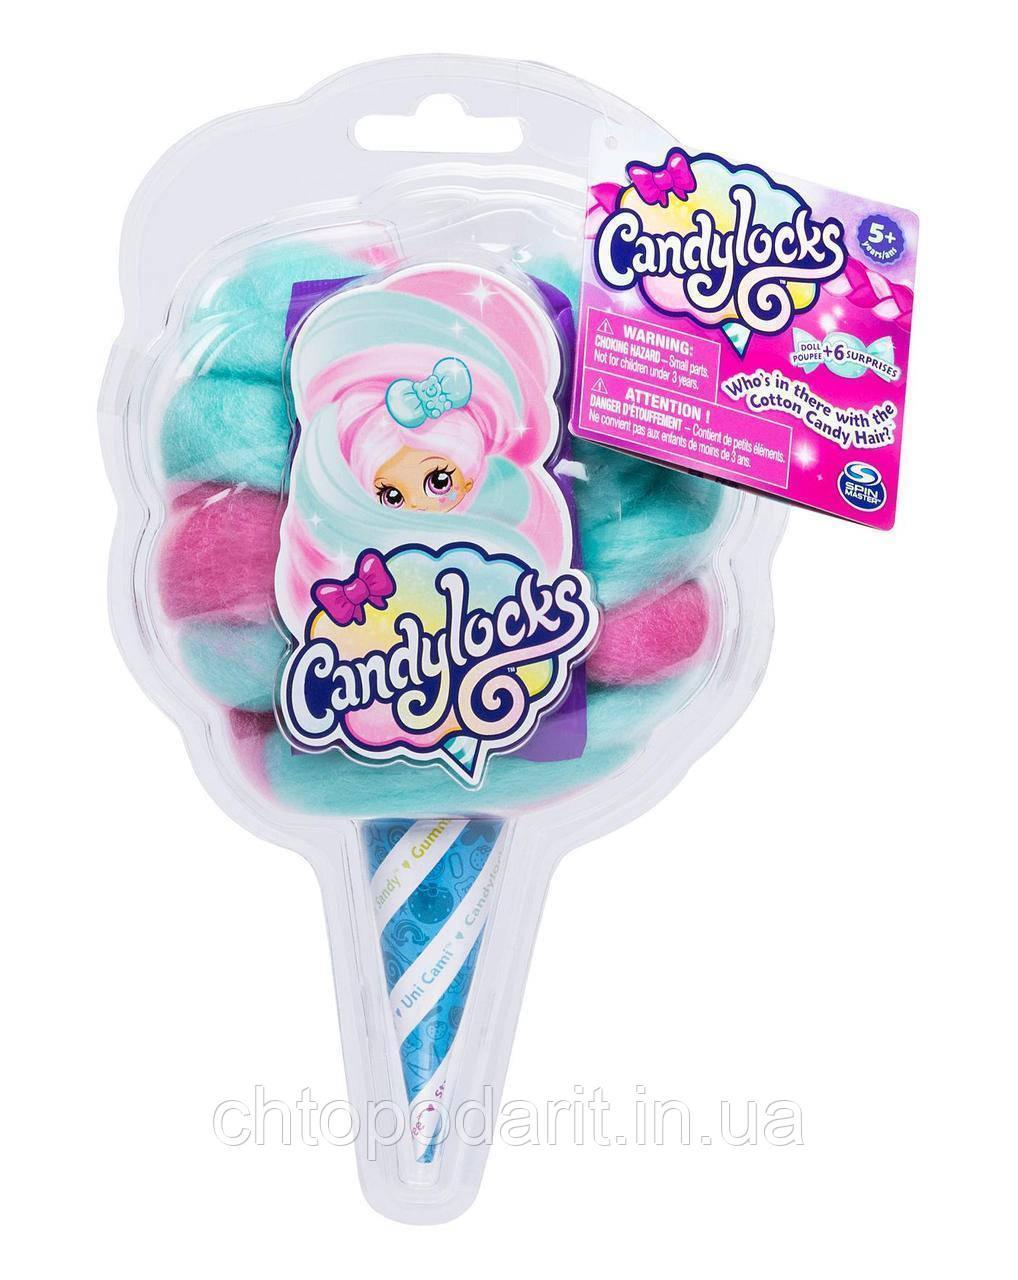 """Кукла """"Кендилукс сладкая вата"""" Candylocks с цветными волосами Код 12-1855"""